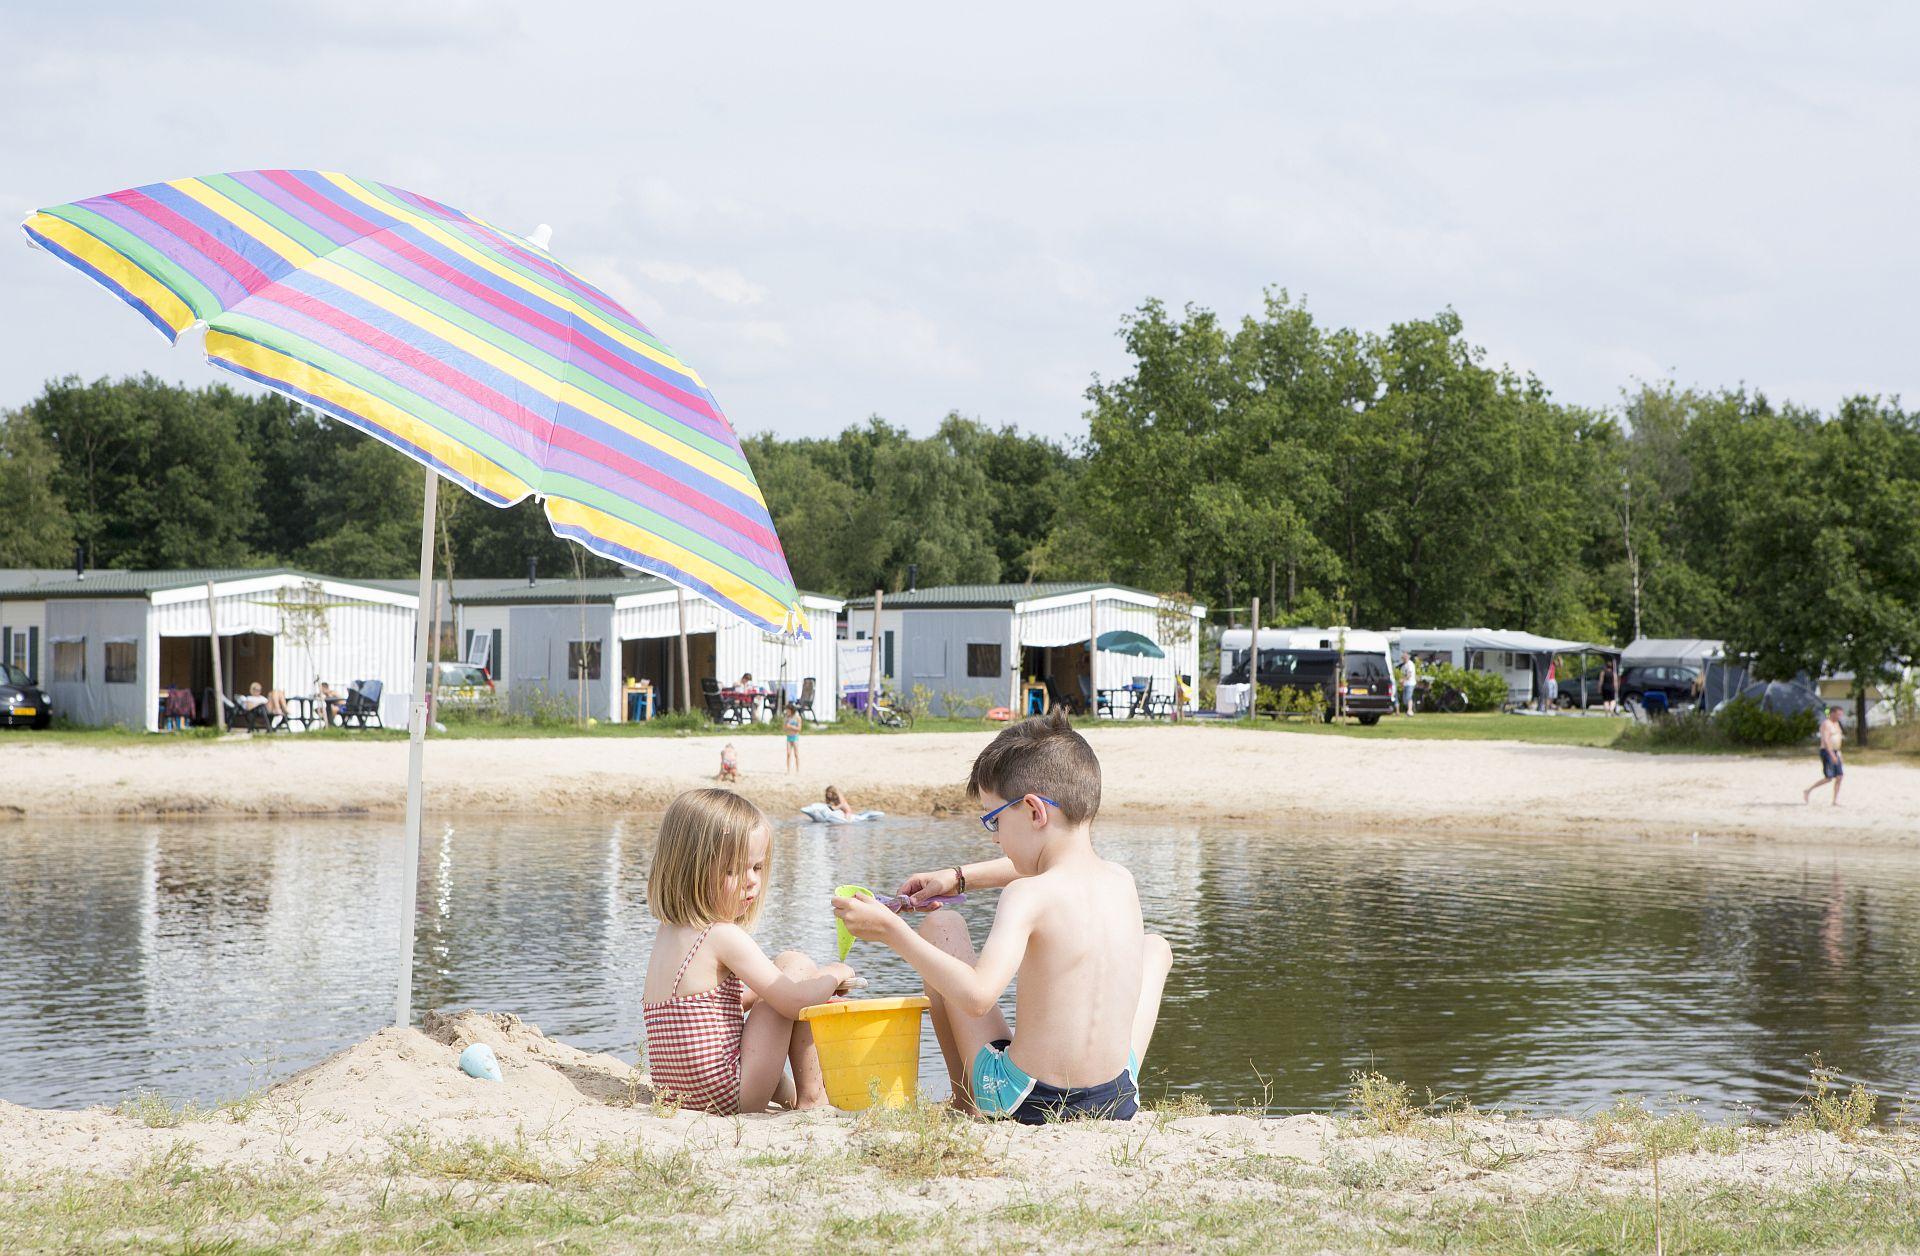 Recreatieplas in Overijssel met o.a. Tubby Splash en glijbanen! - Recreatieplas in Overijssel